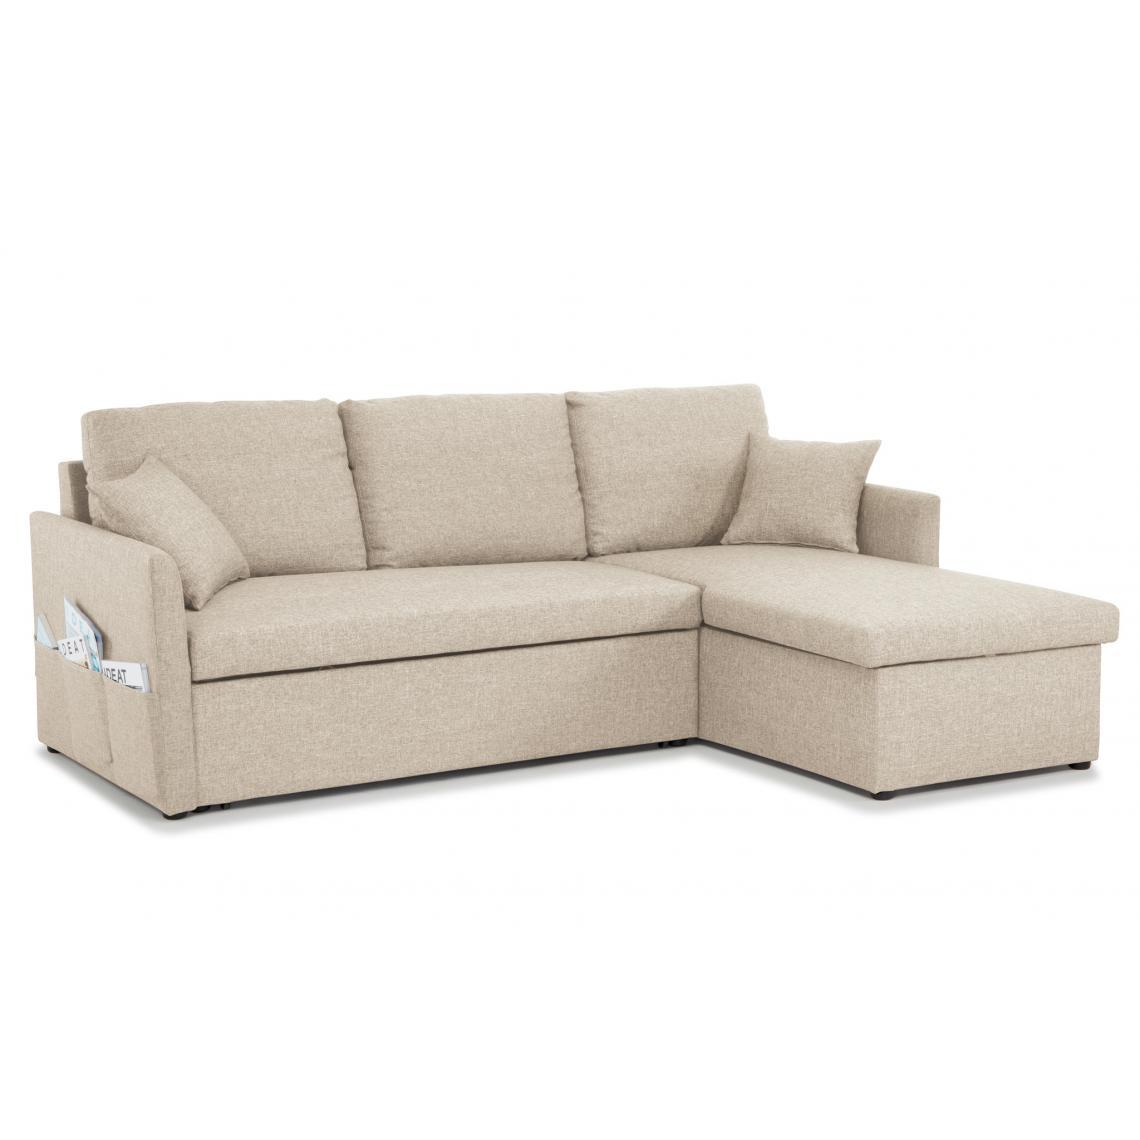 Canapé d'angle Réversible et Convertible Lin Beige VERTERO ...